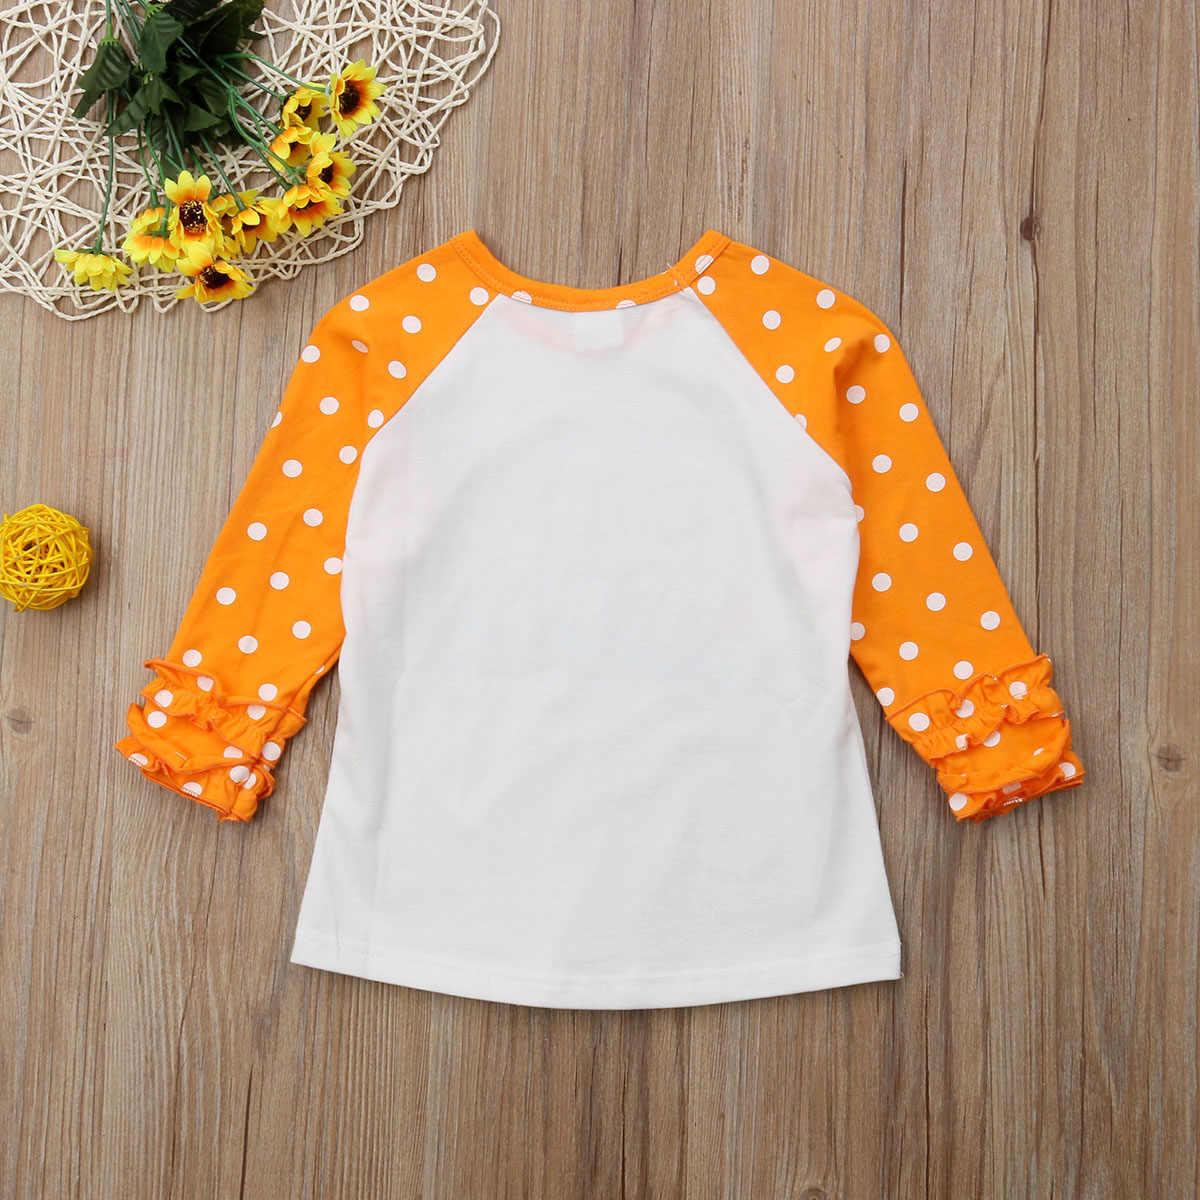 Новая детская хлопковая футболка с длинными рукавами и рисунком единорога, тыквы, машины для маленьких девочек, одежда